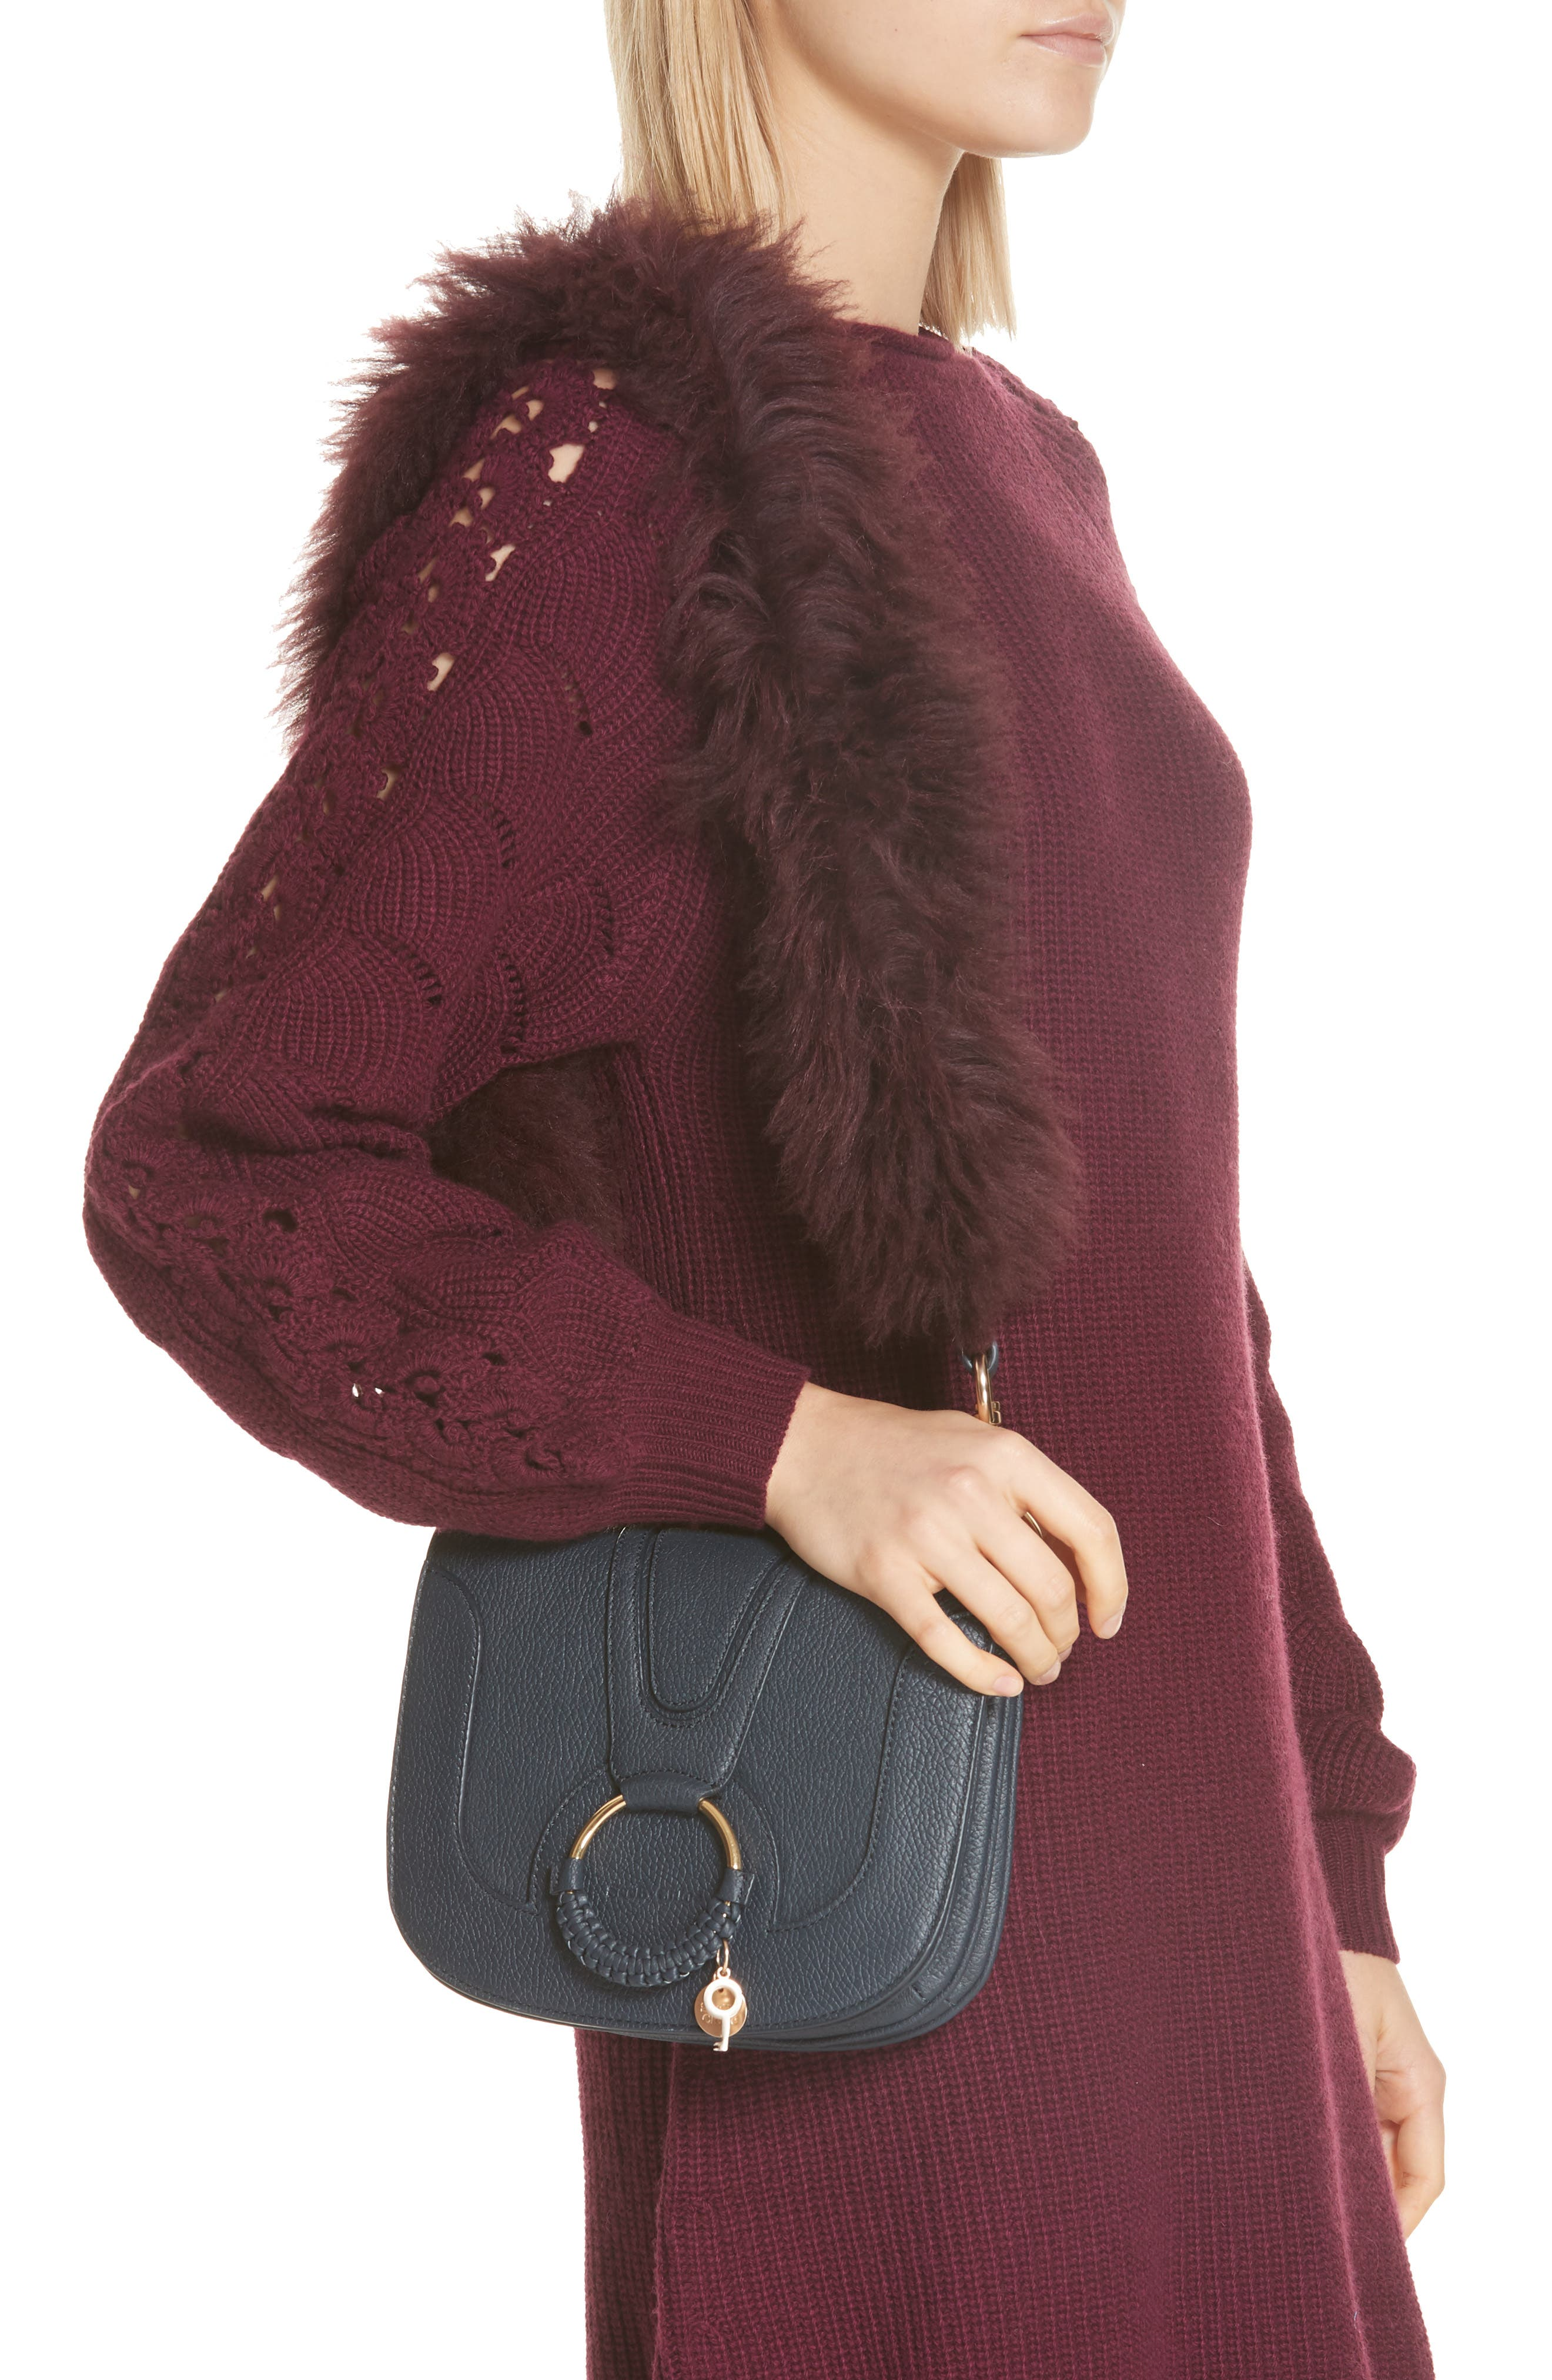 Hana Leather Shoulder Bag,                             Alternate thumbnail 2, color,                             401